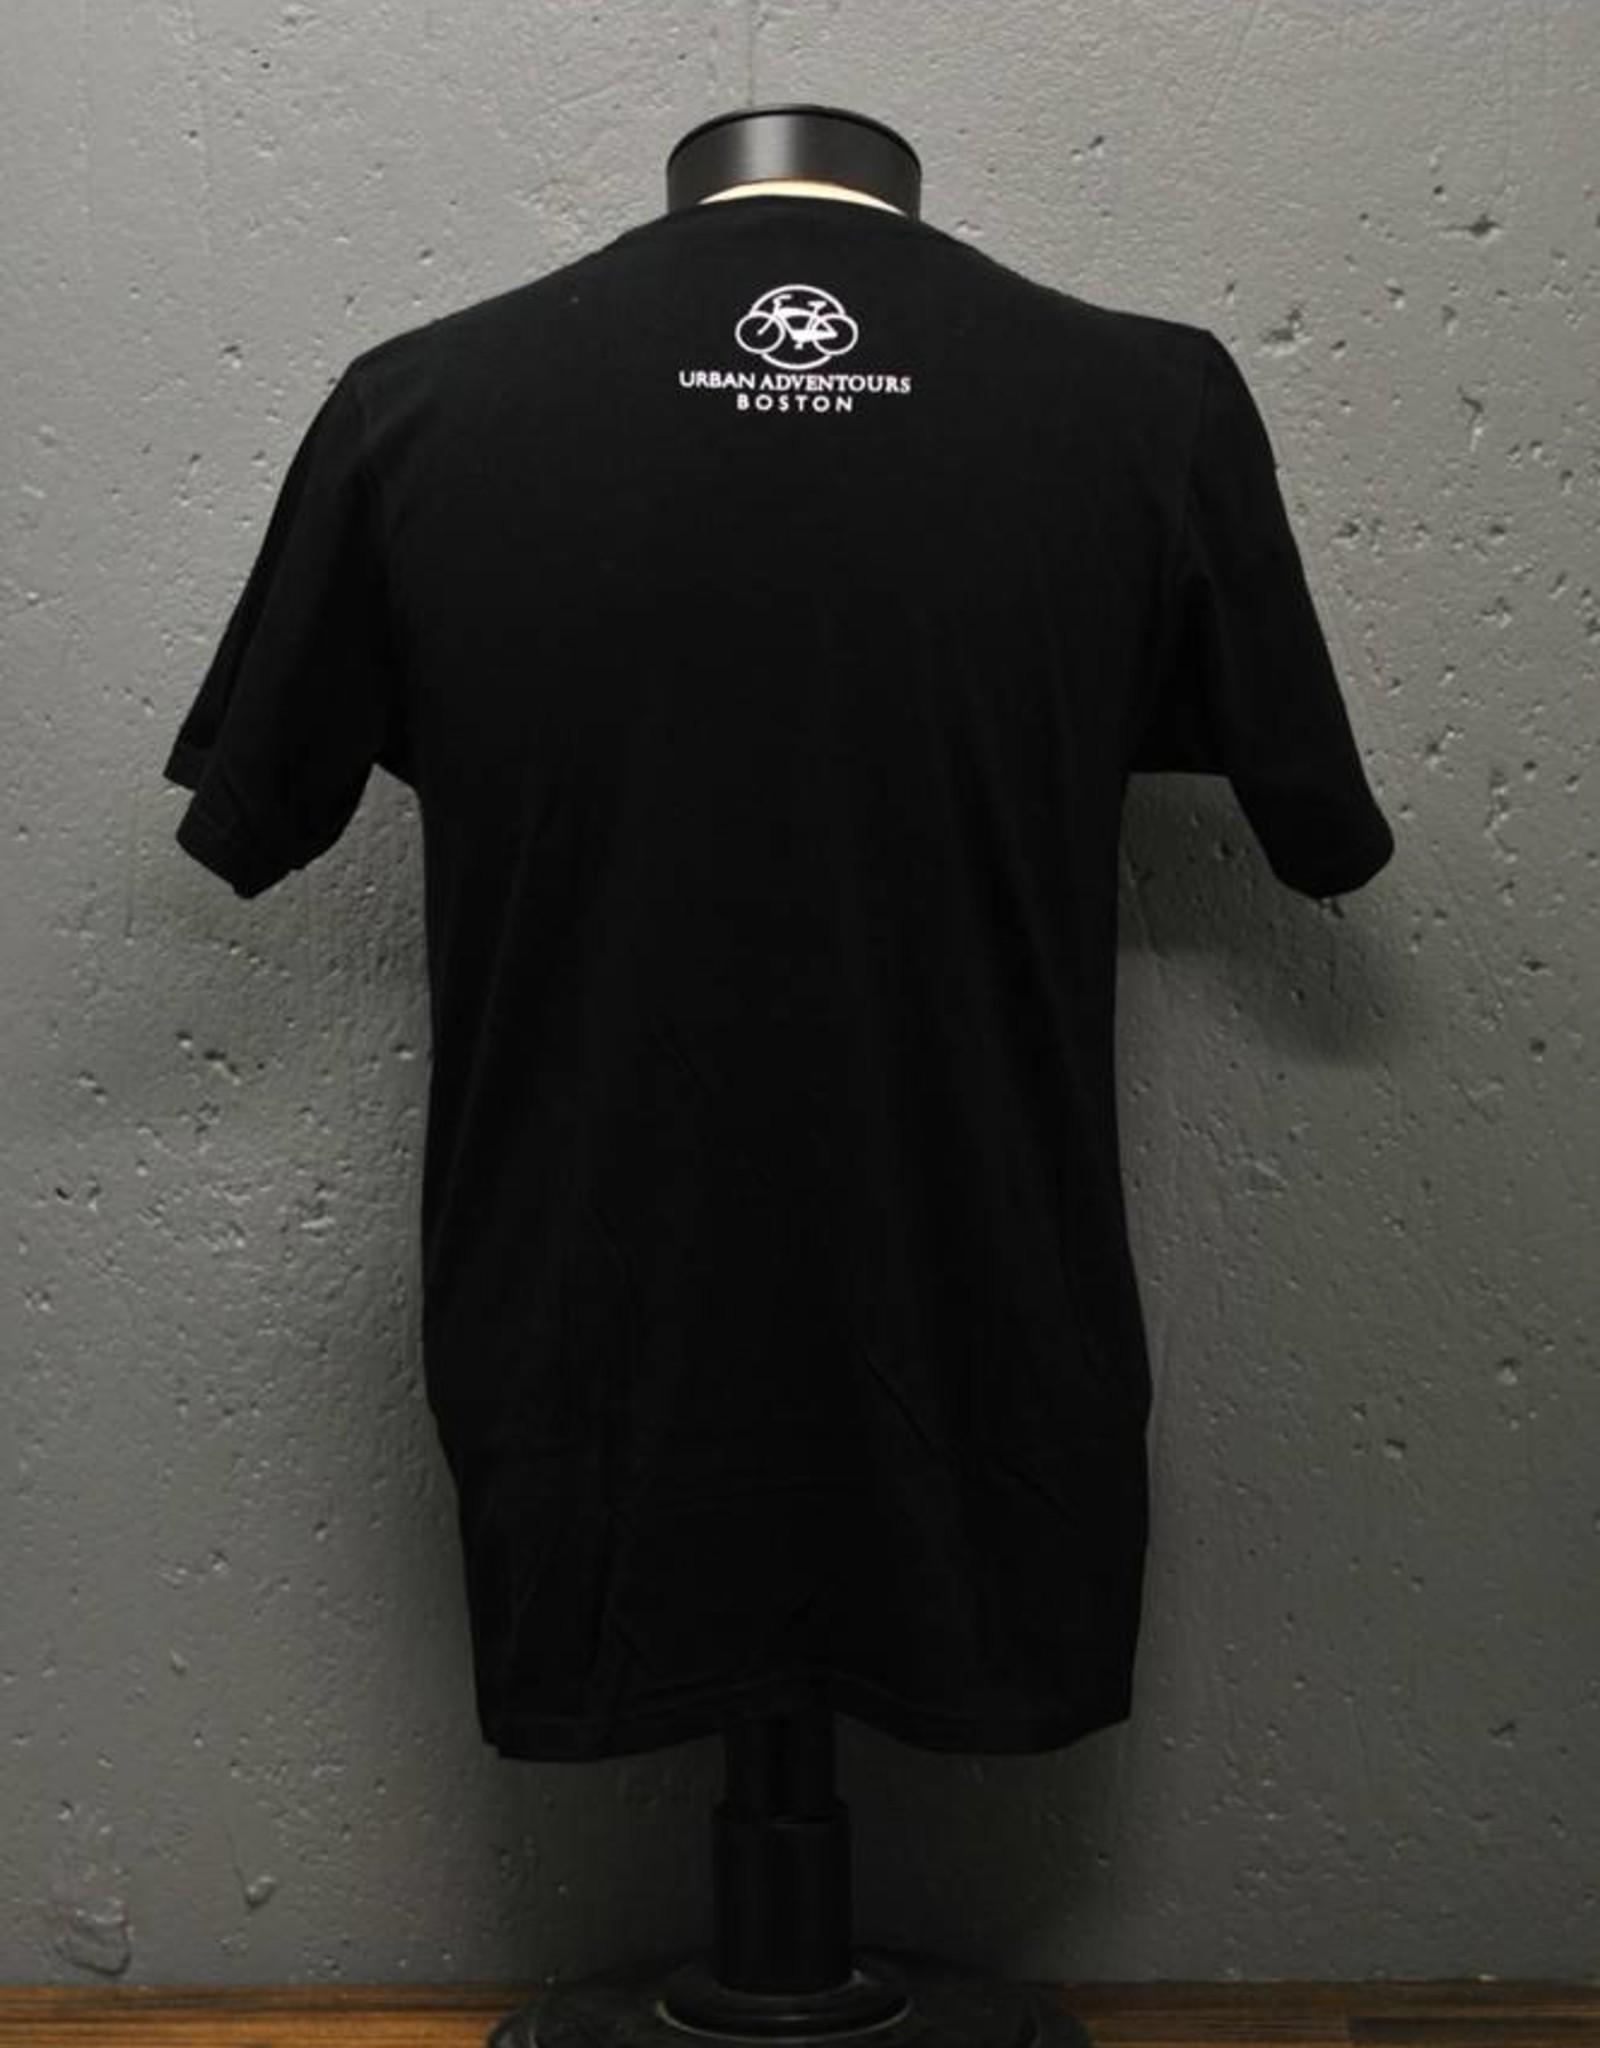 T-shirt - I Bike Boston - Mens